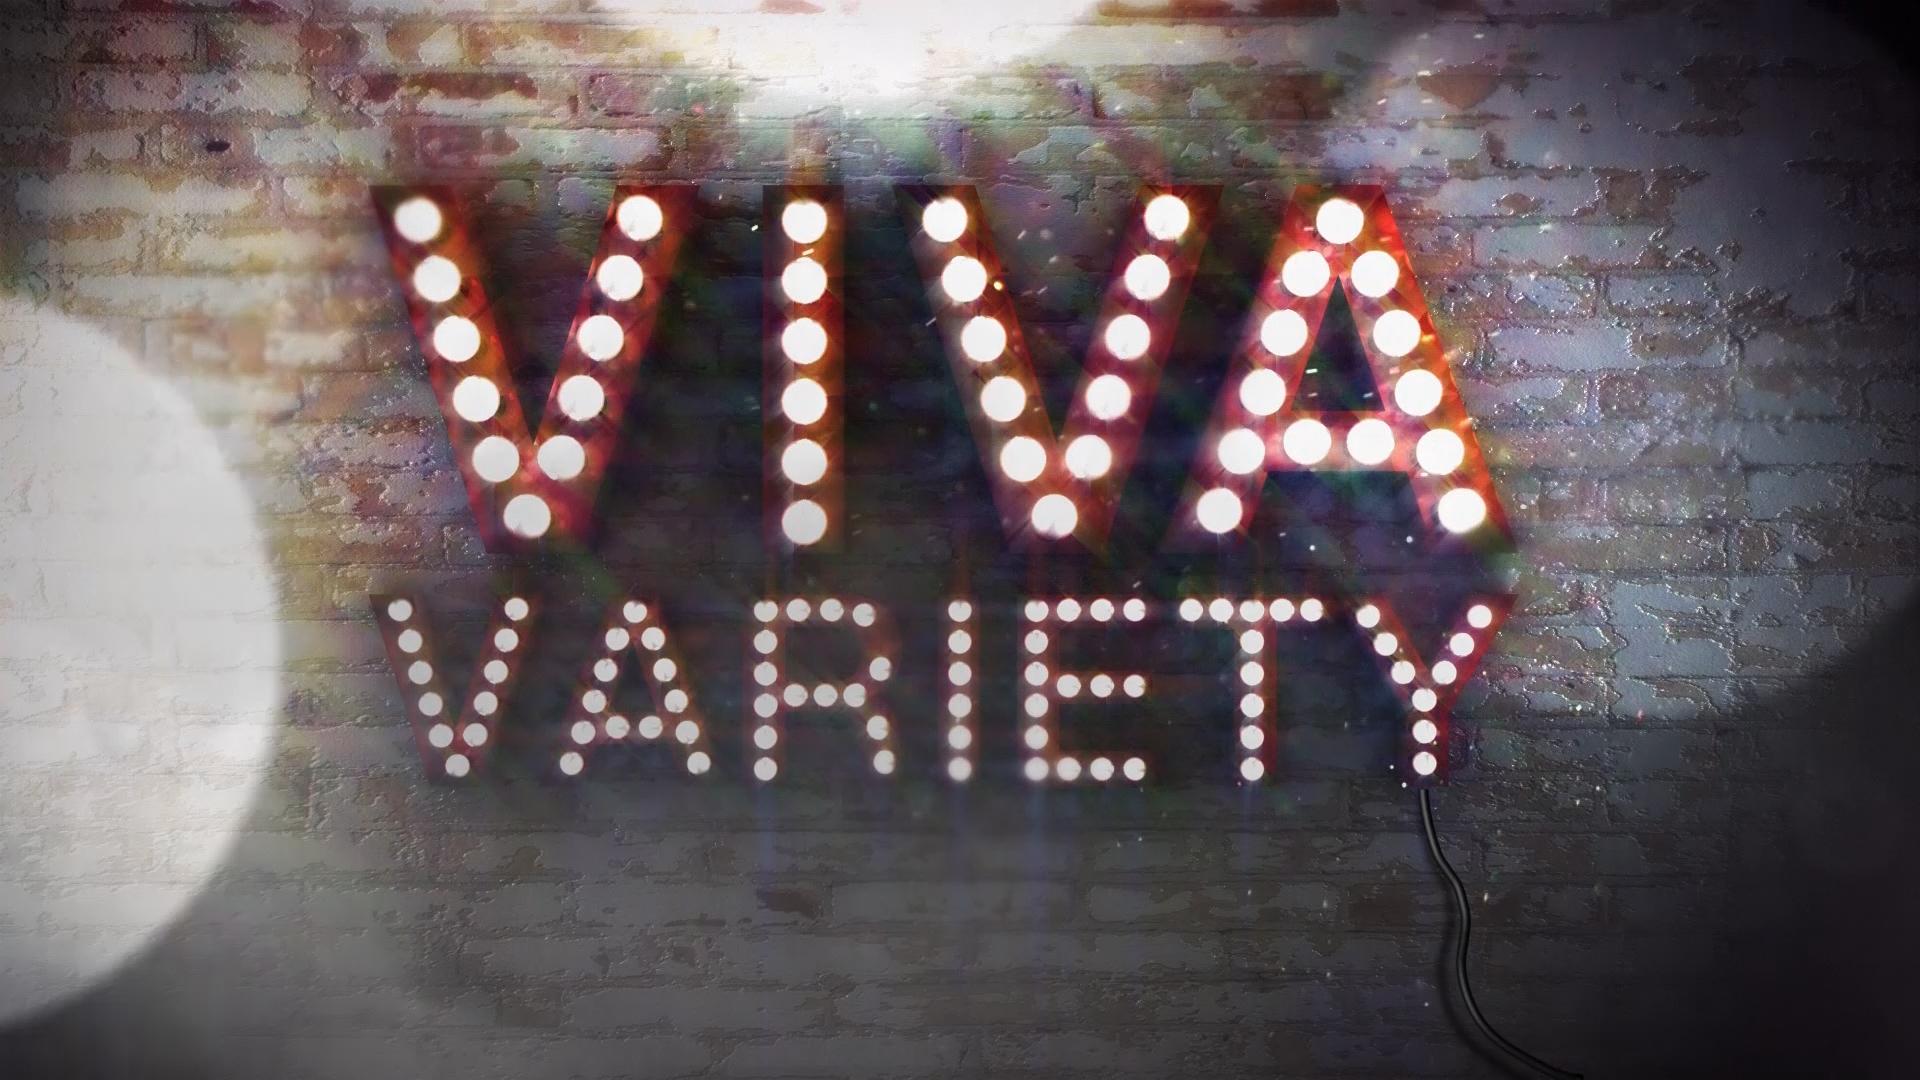 VIVA VARIETY / BBC ONE